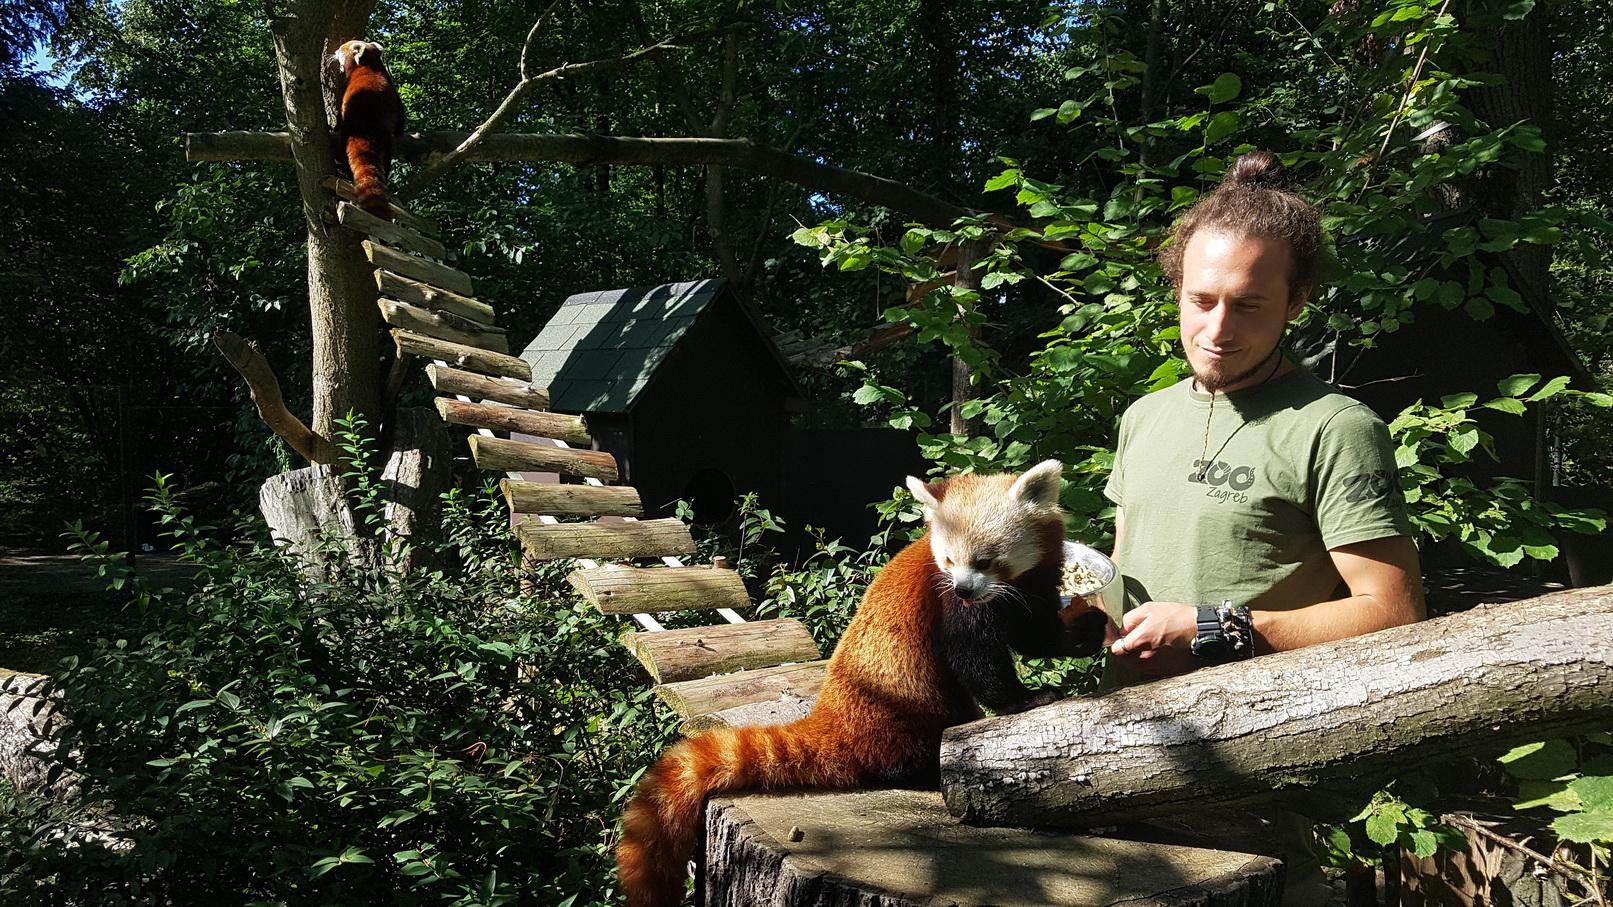 Međunarodni dan timaritelja: Razotkrivanje superjunaka u brizi za životinje